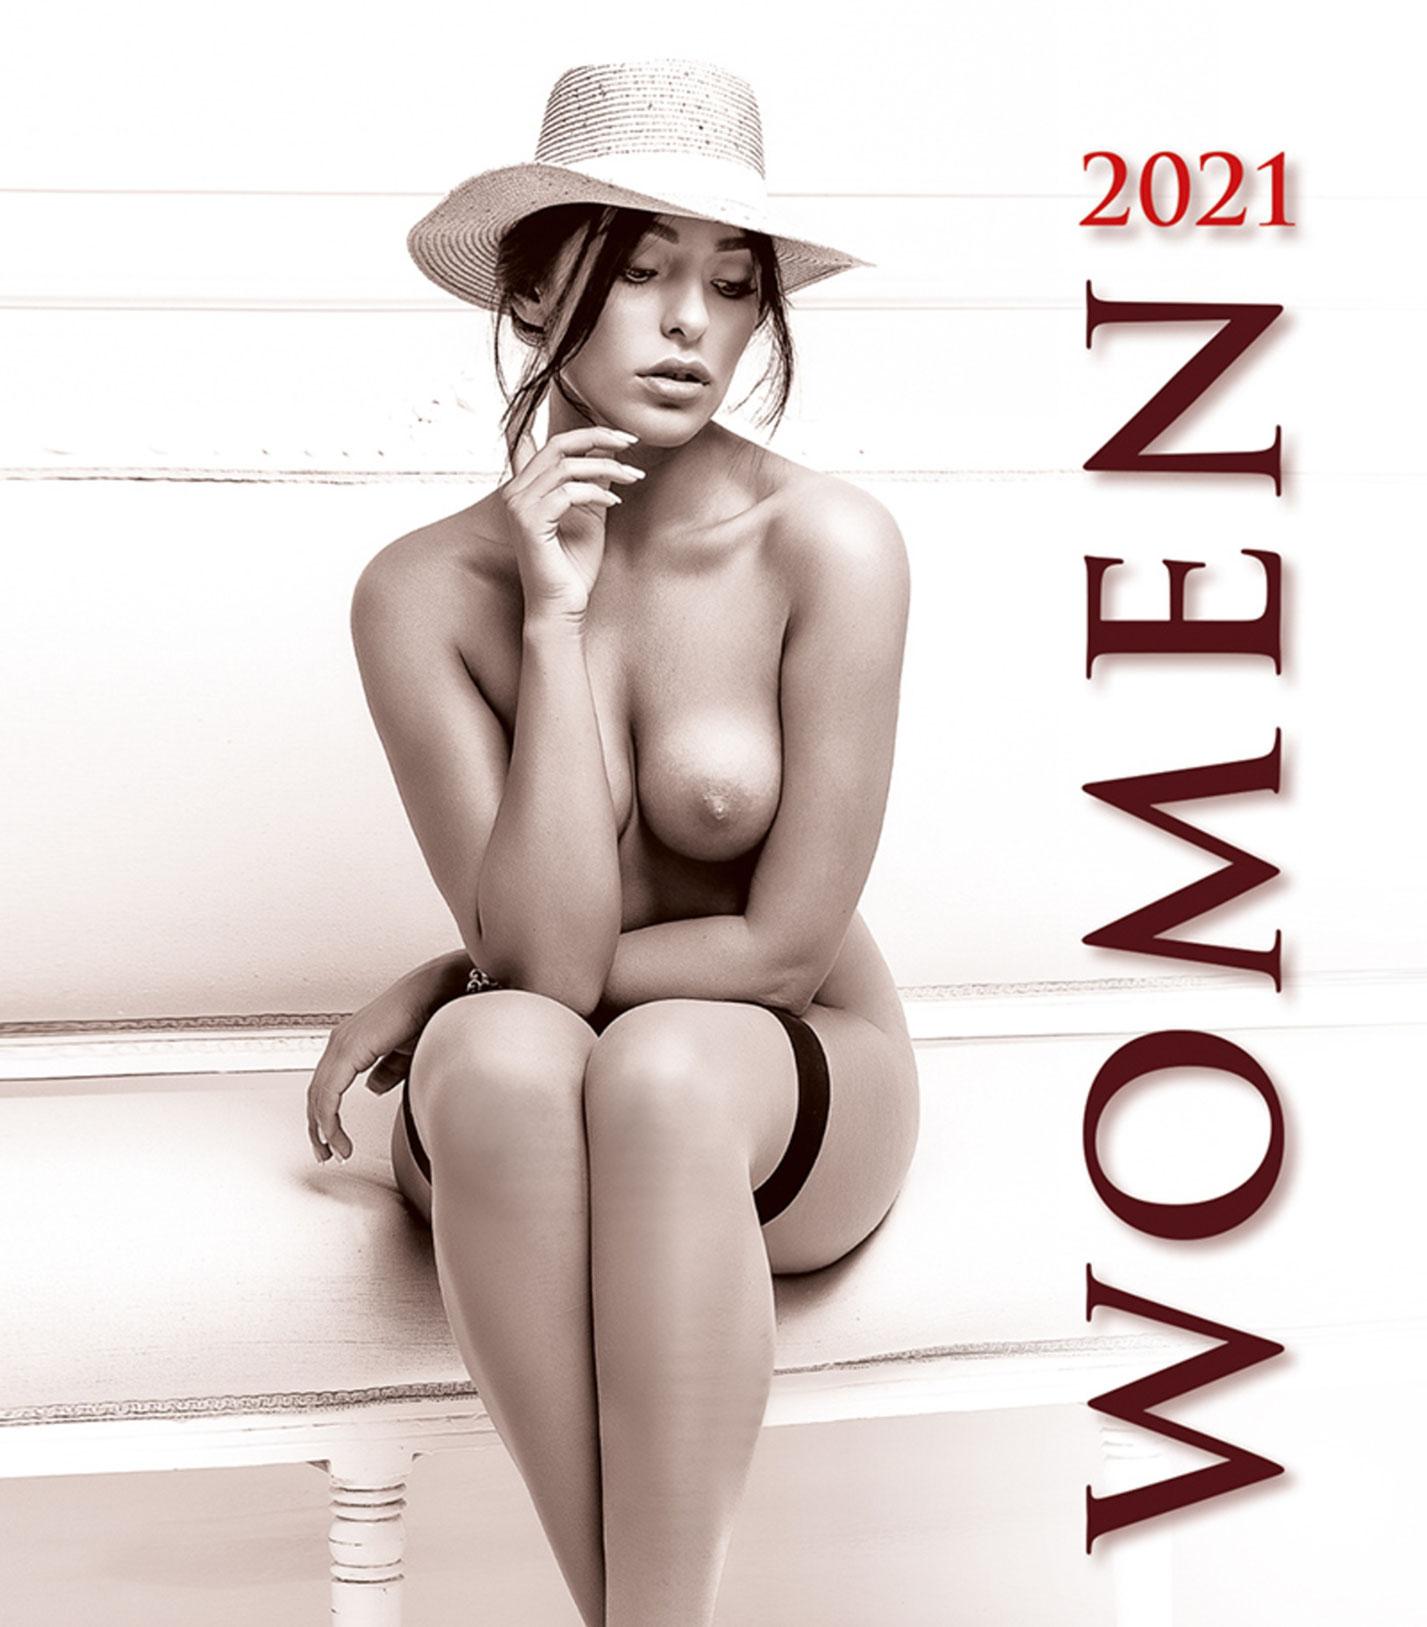 Сексуальные женщины в эротическом календаре на 2021 год / обложка